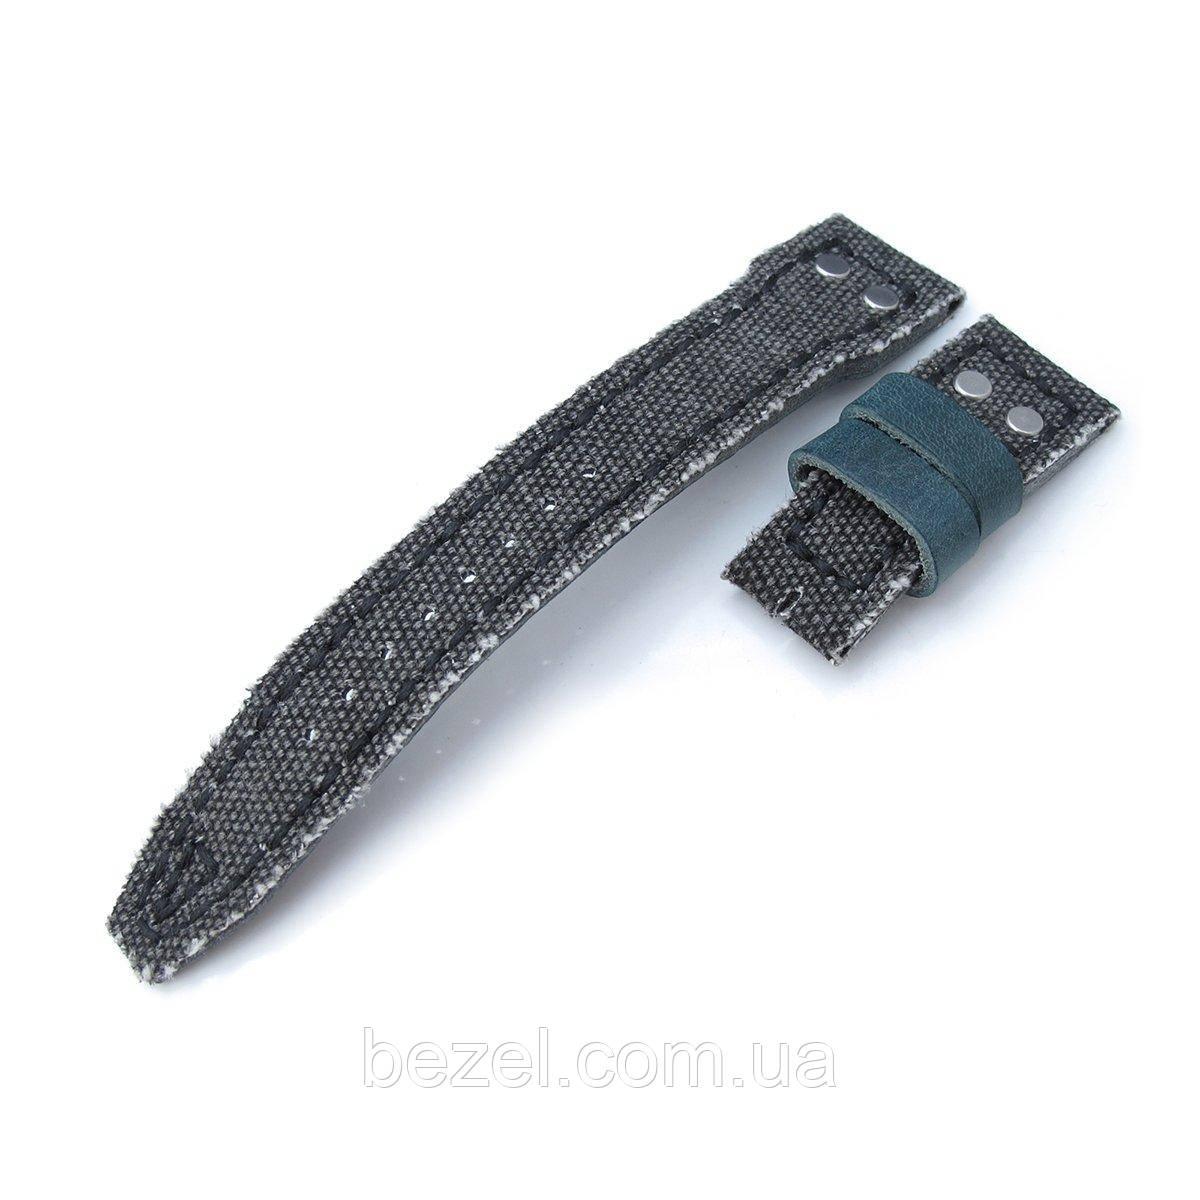 22mm MiLTAT Light Black Washed Canvas IWC Big Pilot replacement Strap, Rivet Lug